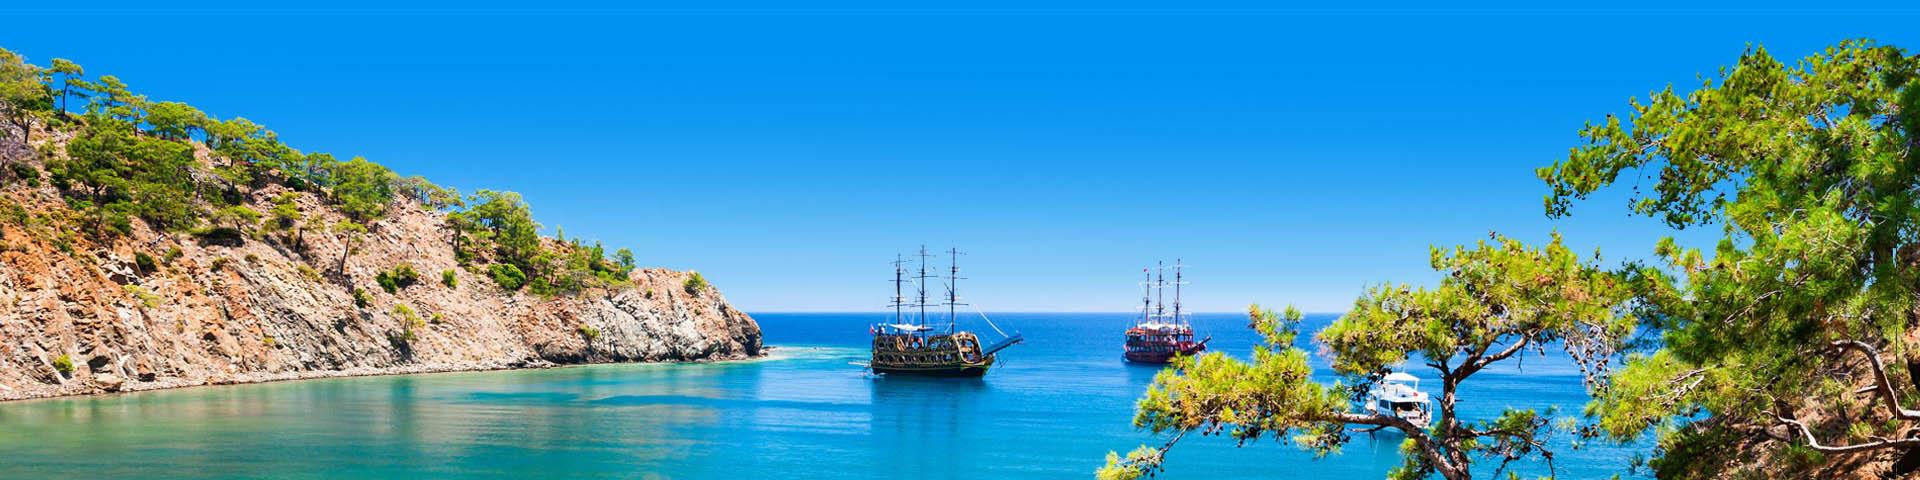 Uitzicht op de zee, rotsen en een oude boot bij Kemer in Turkije